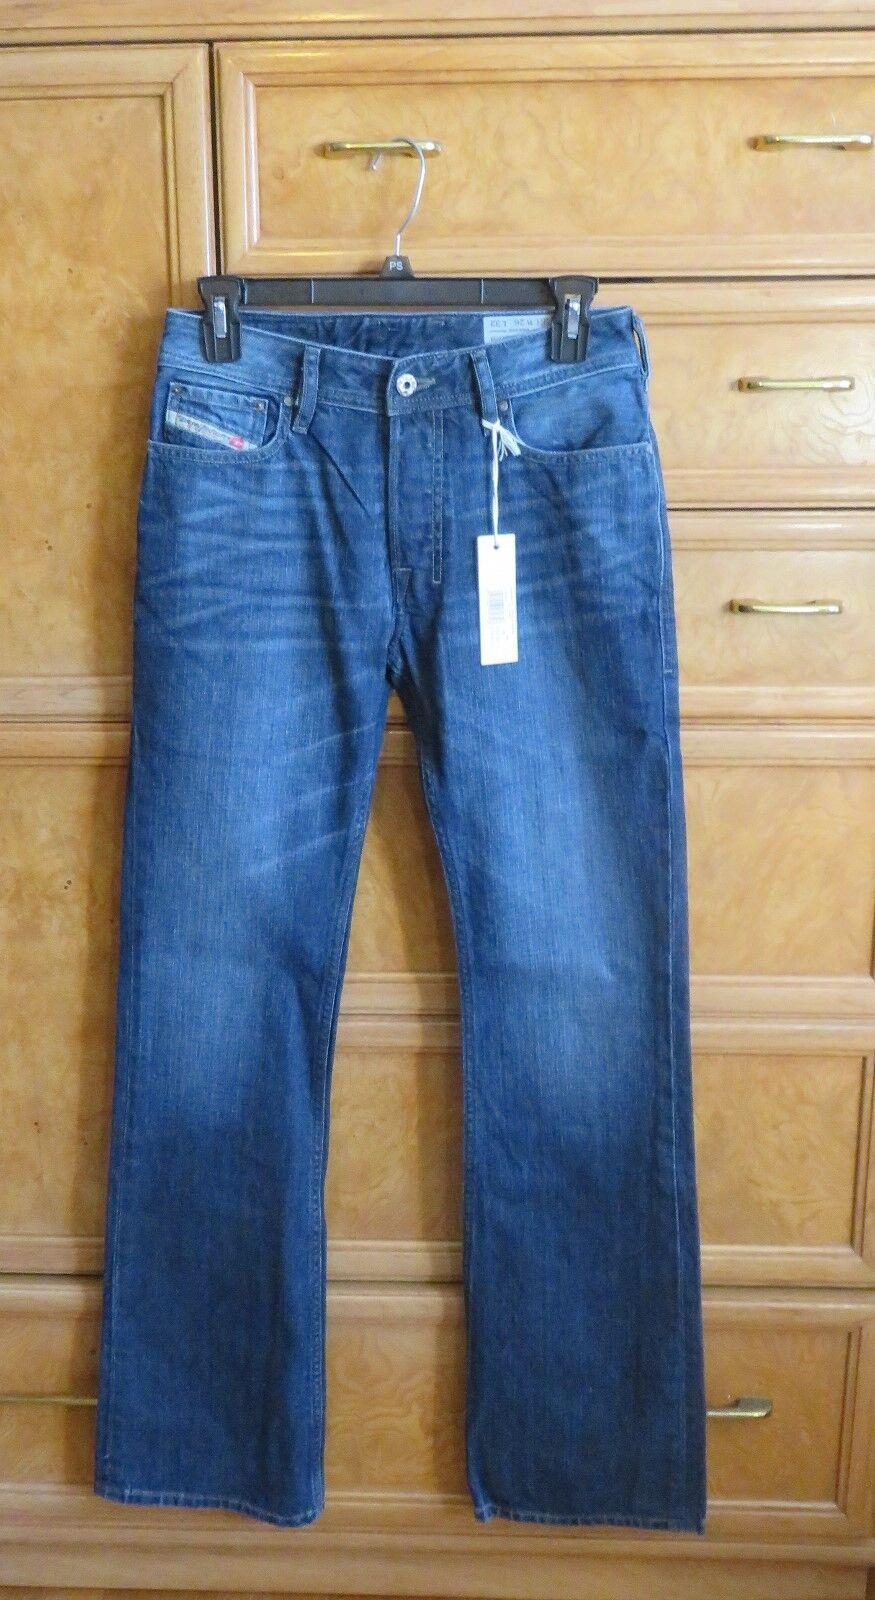 dd21727817b Men's Diesel Zatiny regular boot cut jeans size 26x32 brand new NWT ...